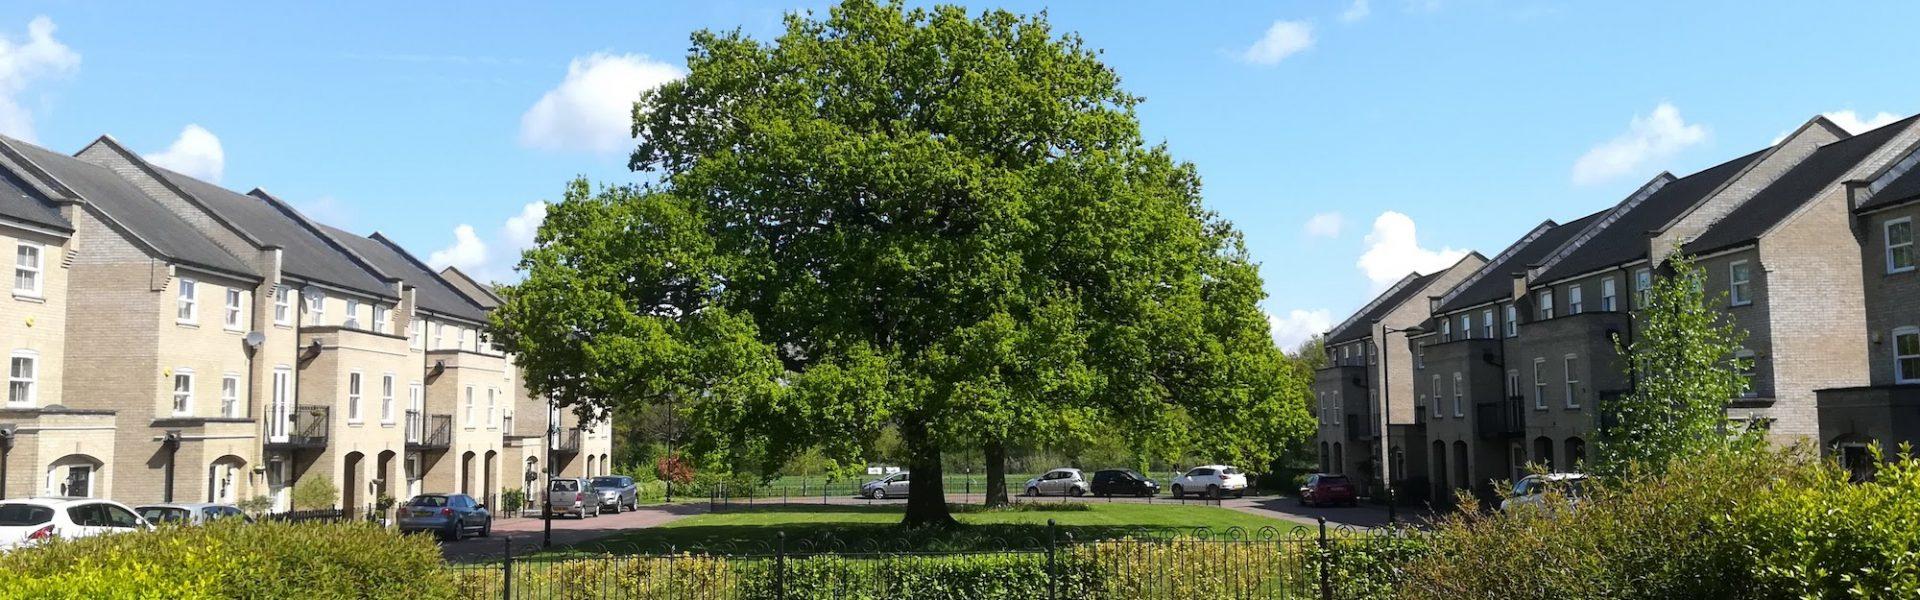 Sherfield Park Parish Council